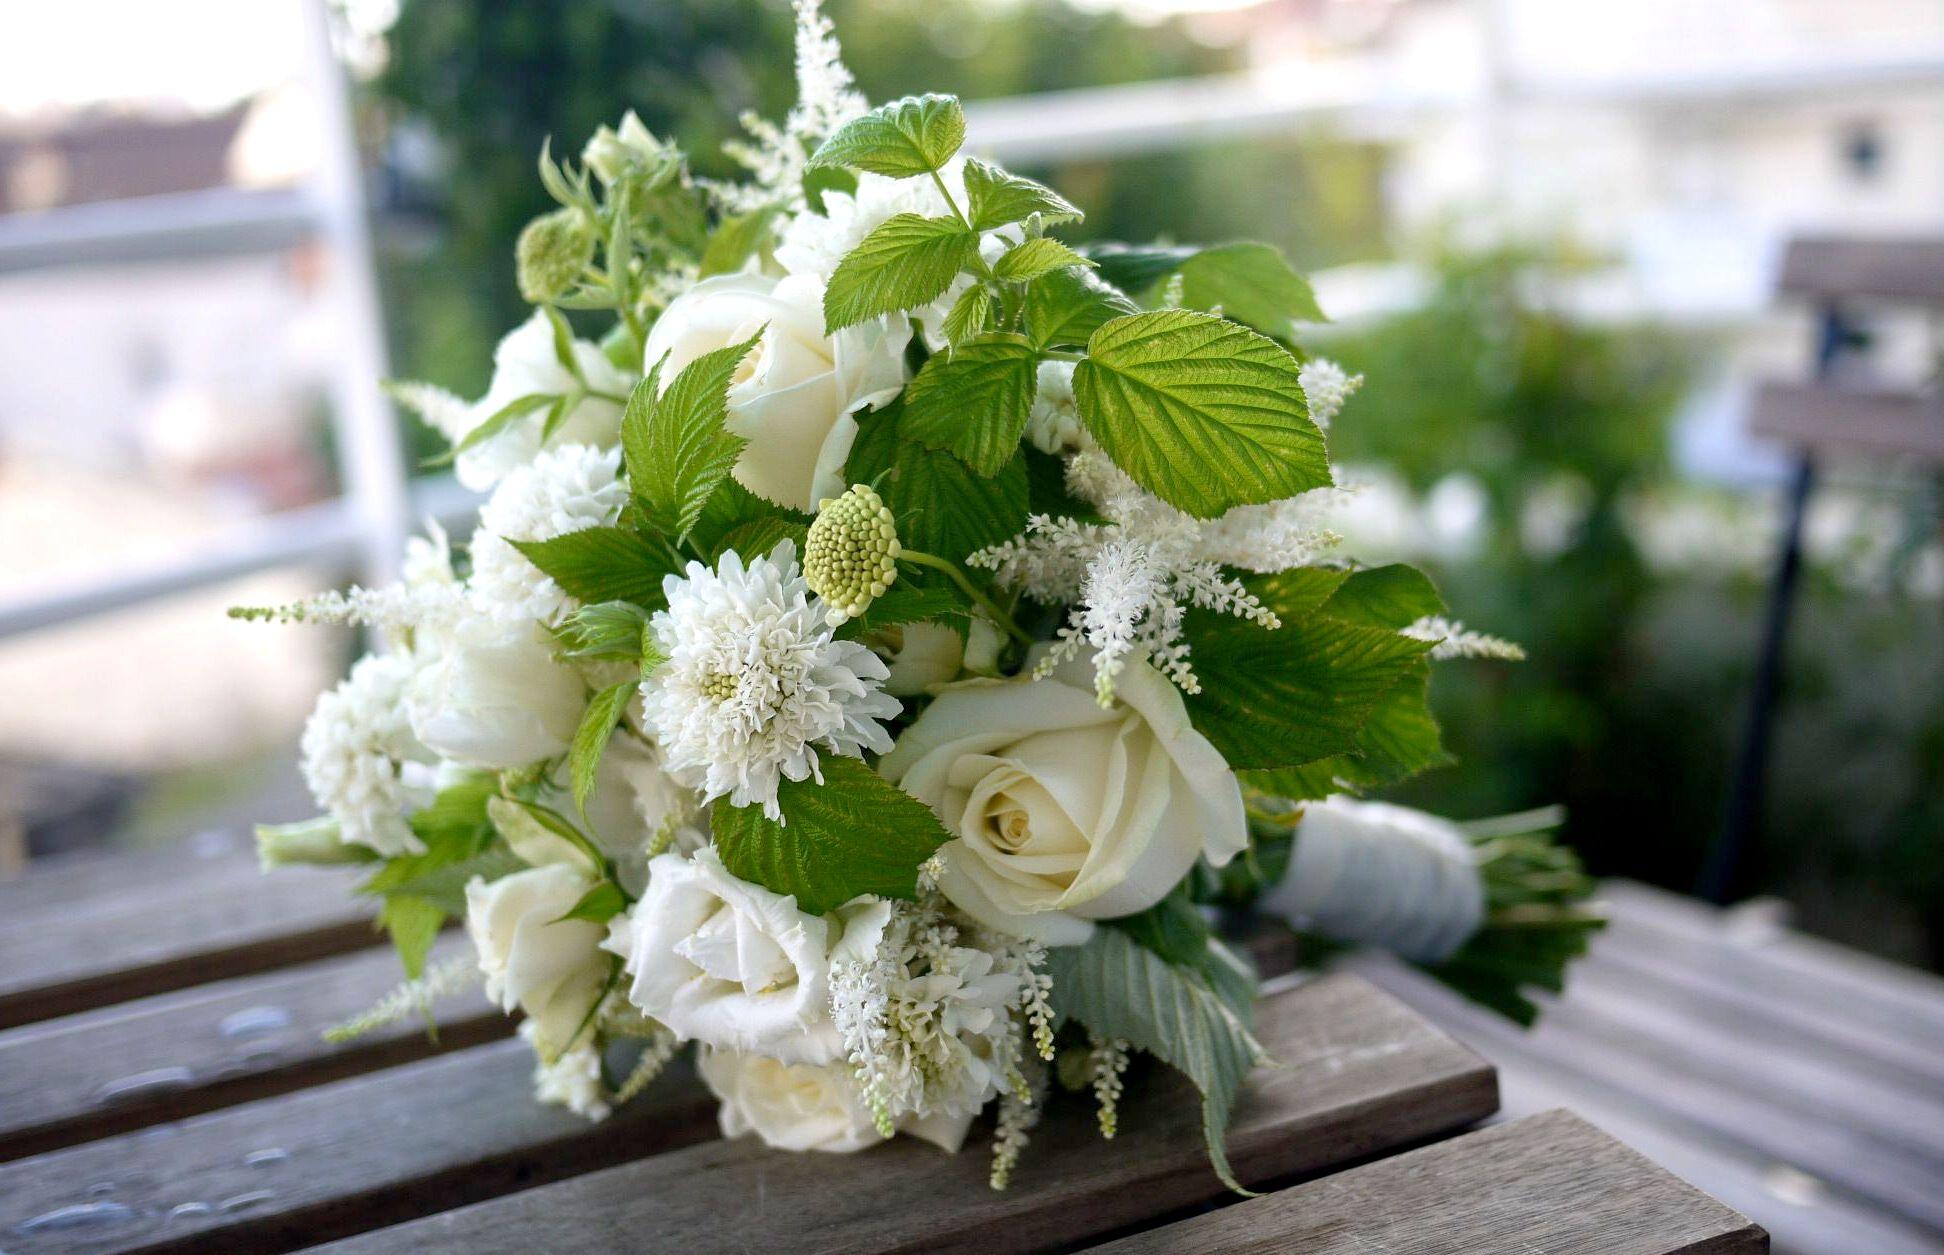 rose, lisianthus, scabieuse, framboisier, jasmin, astilbe,